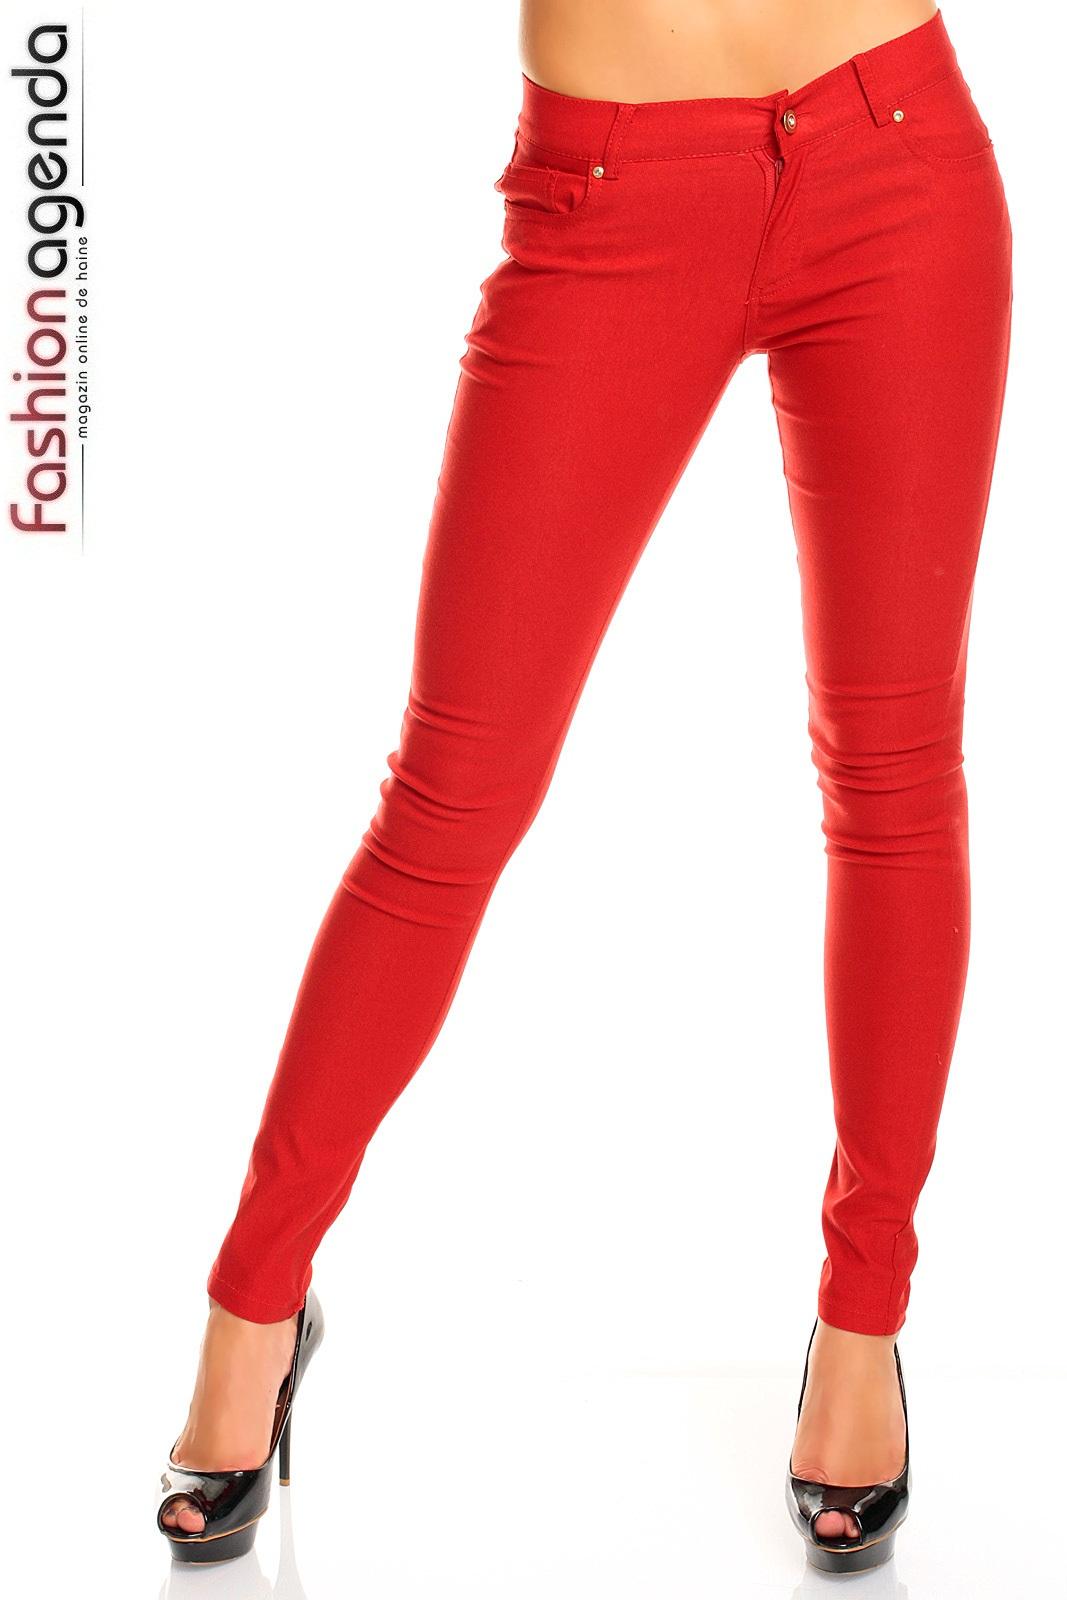 Fashionagenda 75 Rosii Lei La Robyn Pantaloni Xpwfq6Yn